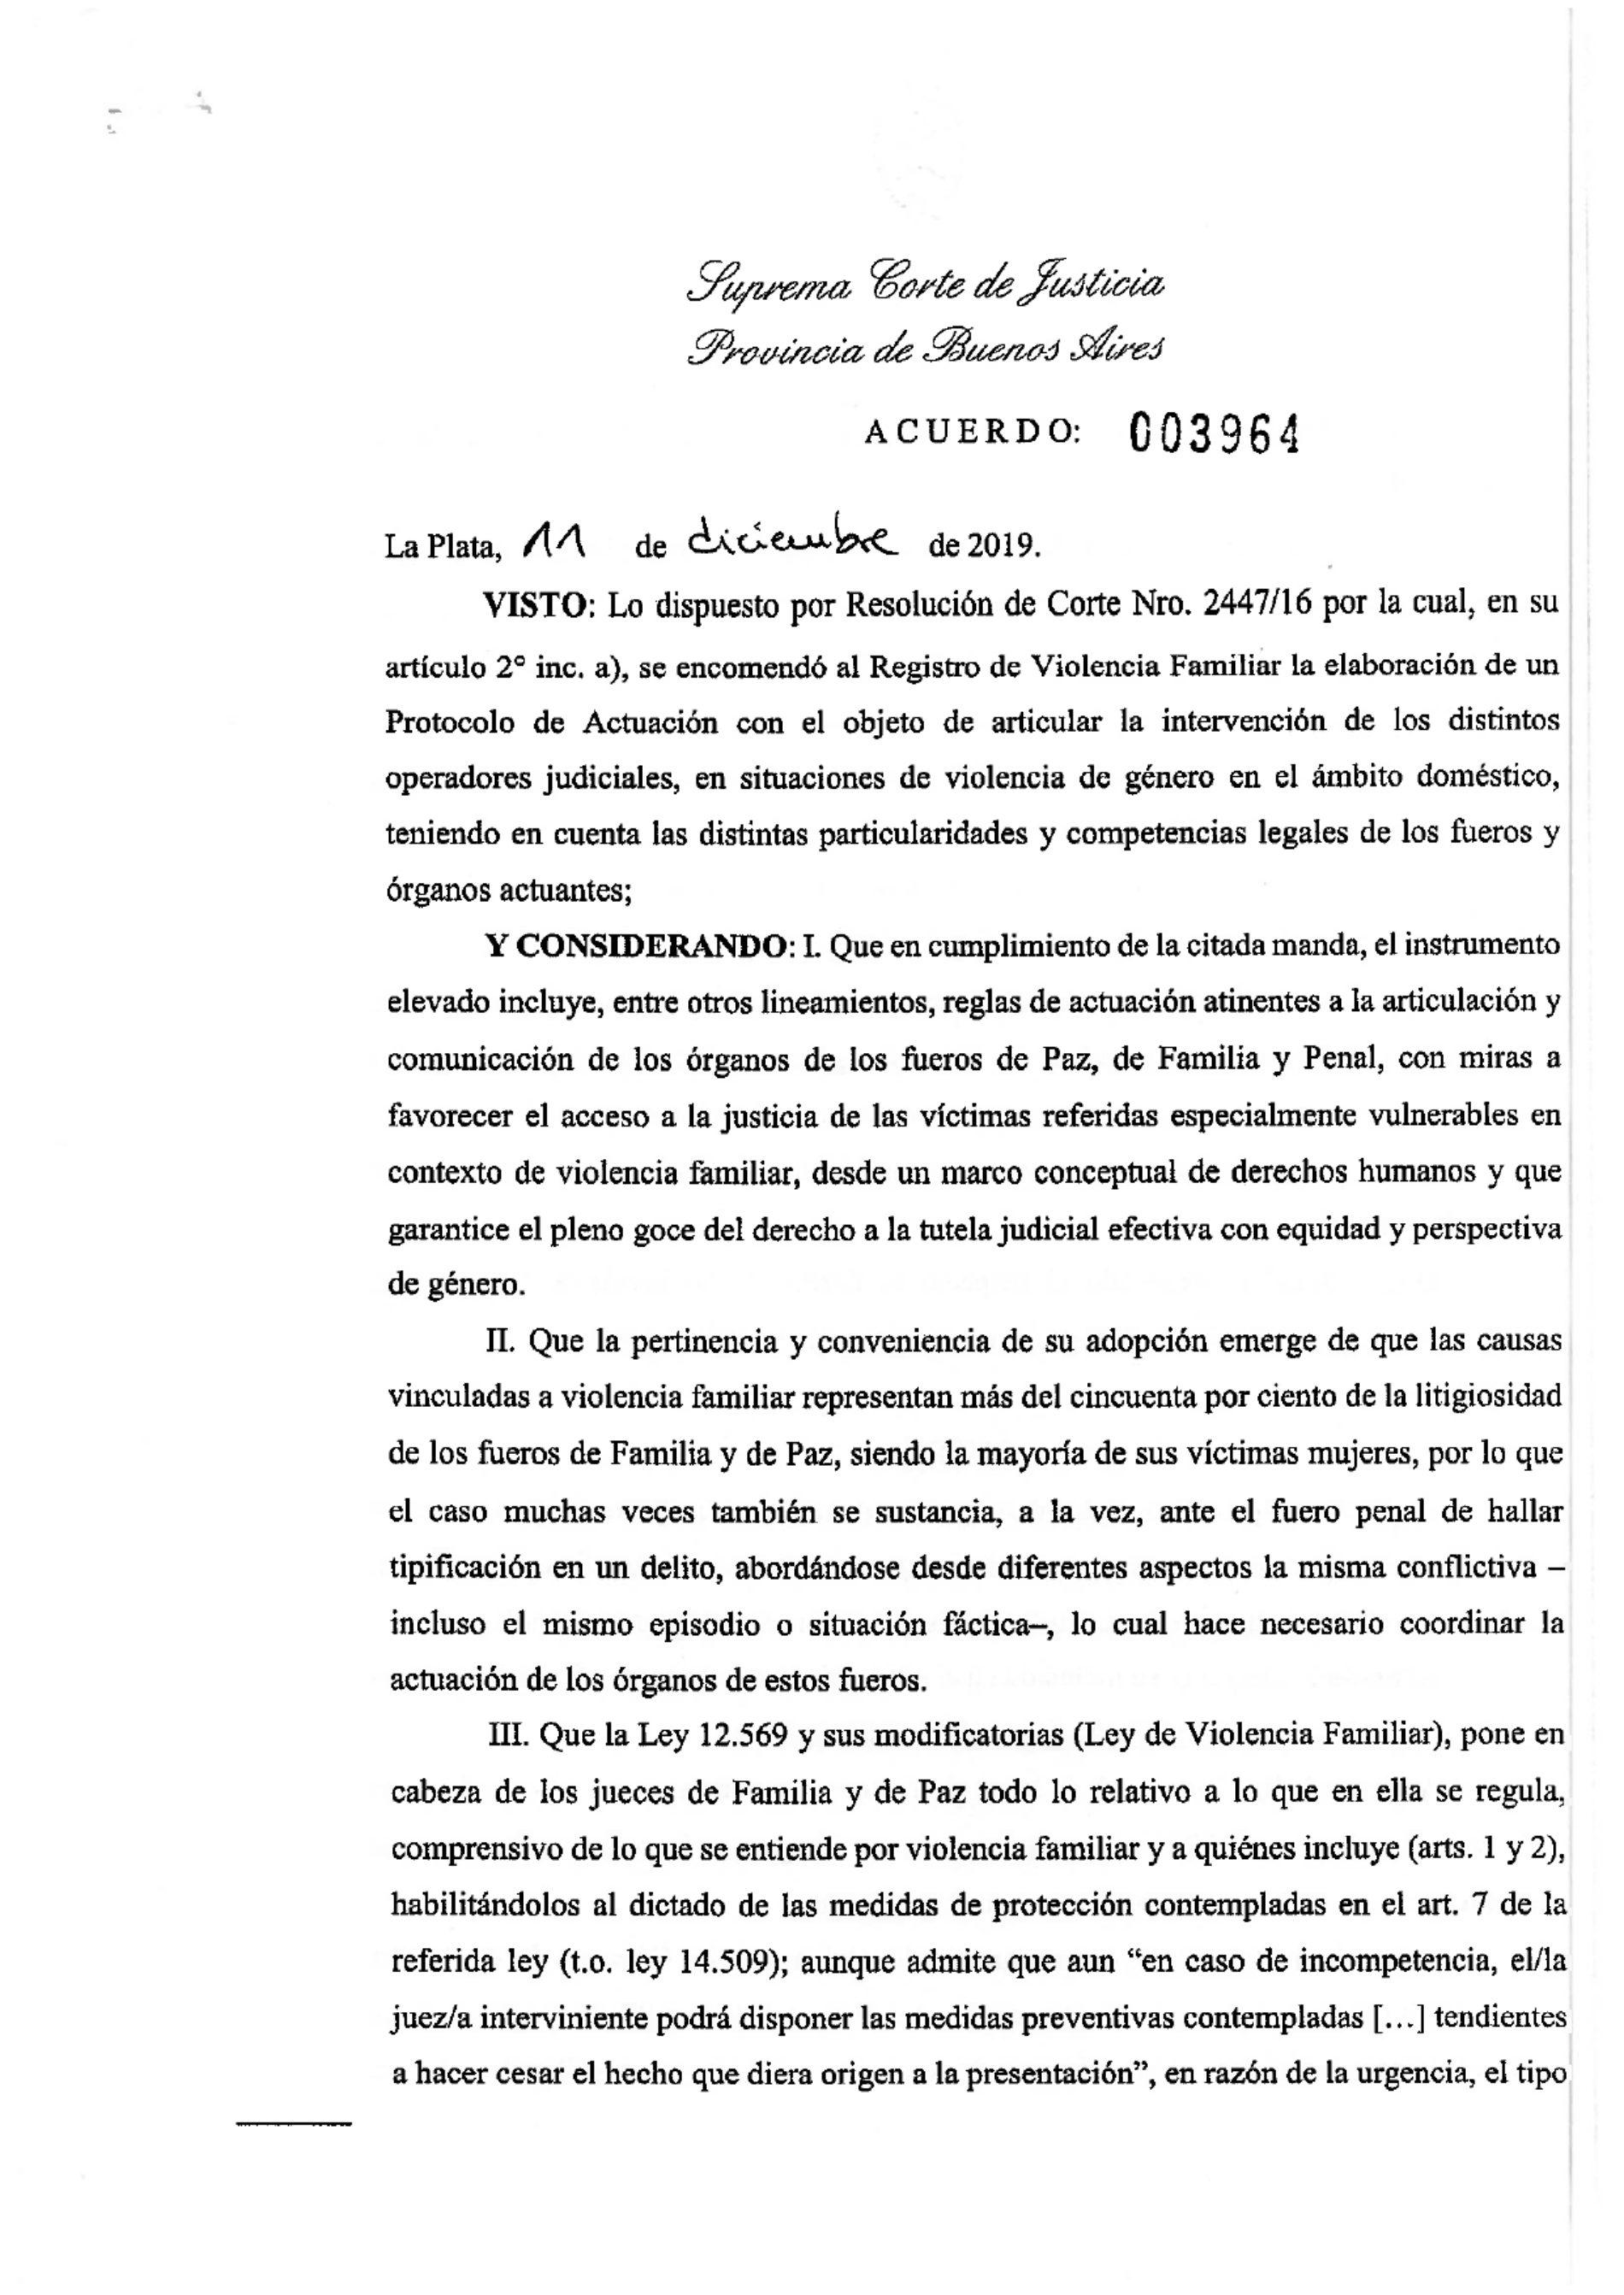 Nuevo procedimiento de intervención de organismos judiciales en procesos que se inicien a consecuencia de denuncia de violencia familiar.